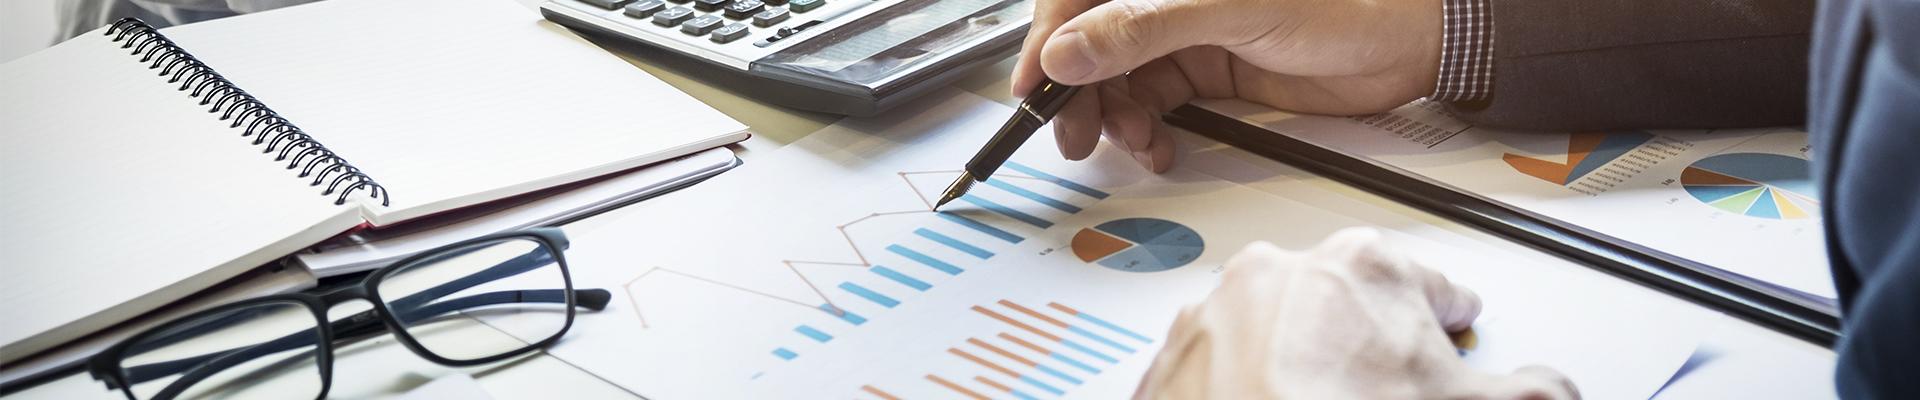 Определены особенности бухгалтерского учета и отчетности цифровых знаков (токенов)